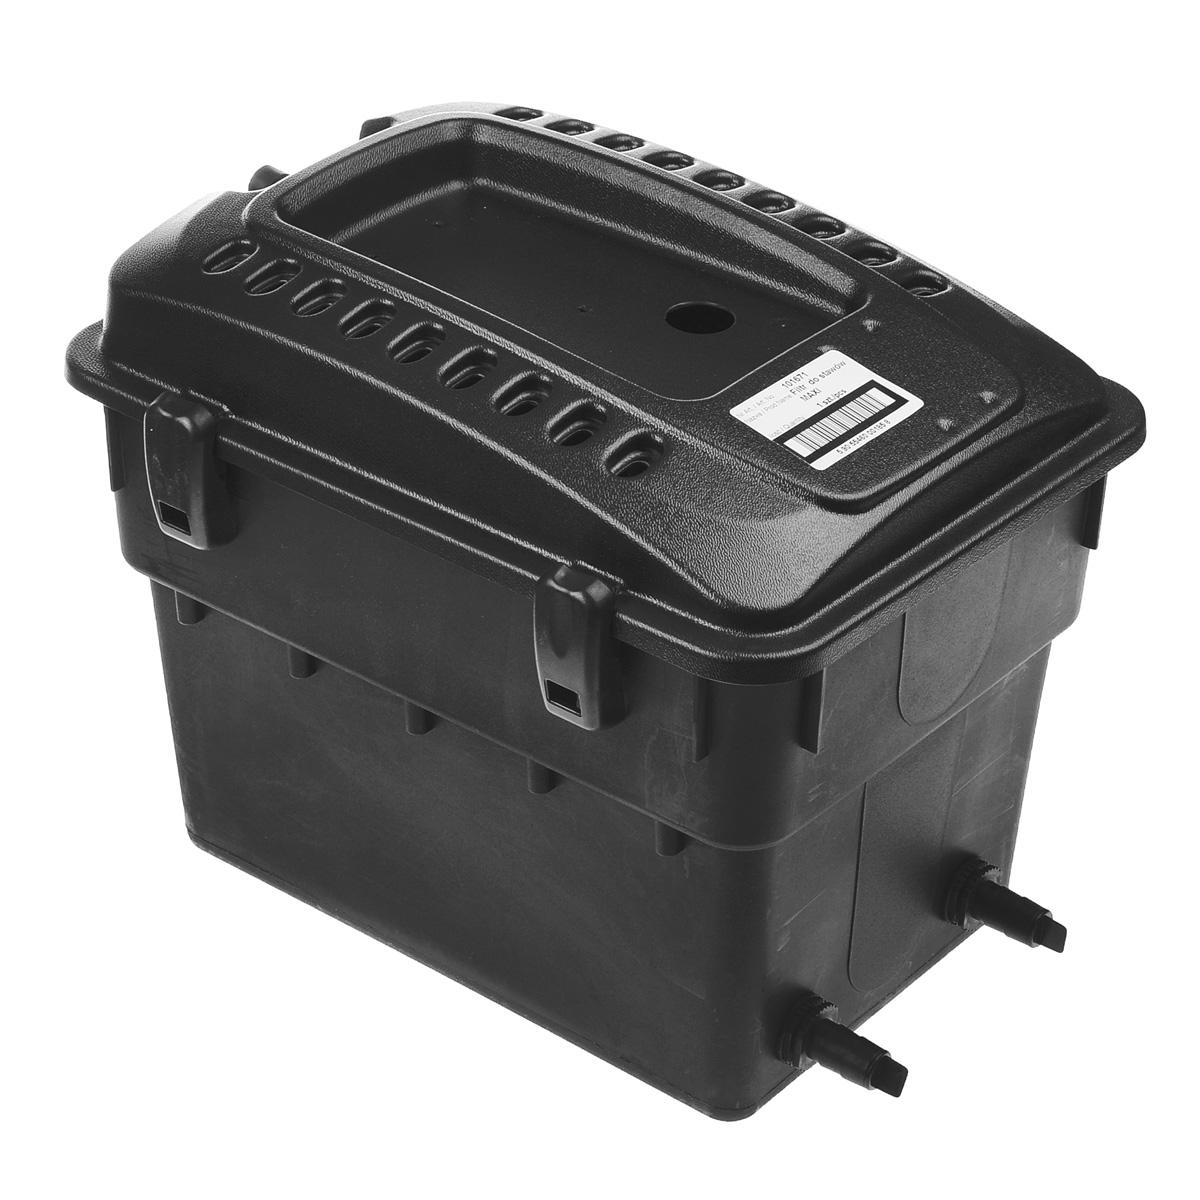 Фильтр для декоративного пруда Aquael. MAXIMAXIФильтр для декоративного пруда Aquael является наружным фильтром. Его можно размещать на берегу пруда или на водопаде. Работает совместно с насосом Aquajet PFN. Такой фильтр обеспечивает механическую и биологическую очистку водоема. Рассчитан на непрерывную работу и приспособлен к работе как в полностью погруженном состоянии, так и в наружном положении. Максимальный объем: 5 м3. Размер фильтра: 50 см х 38 см х 40 см.